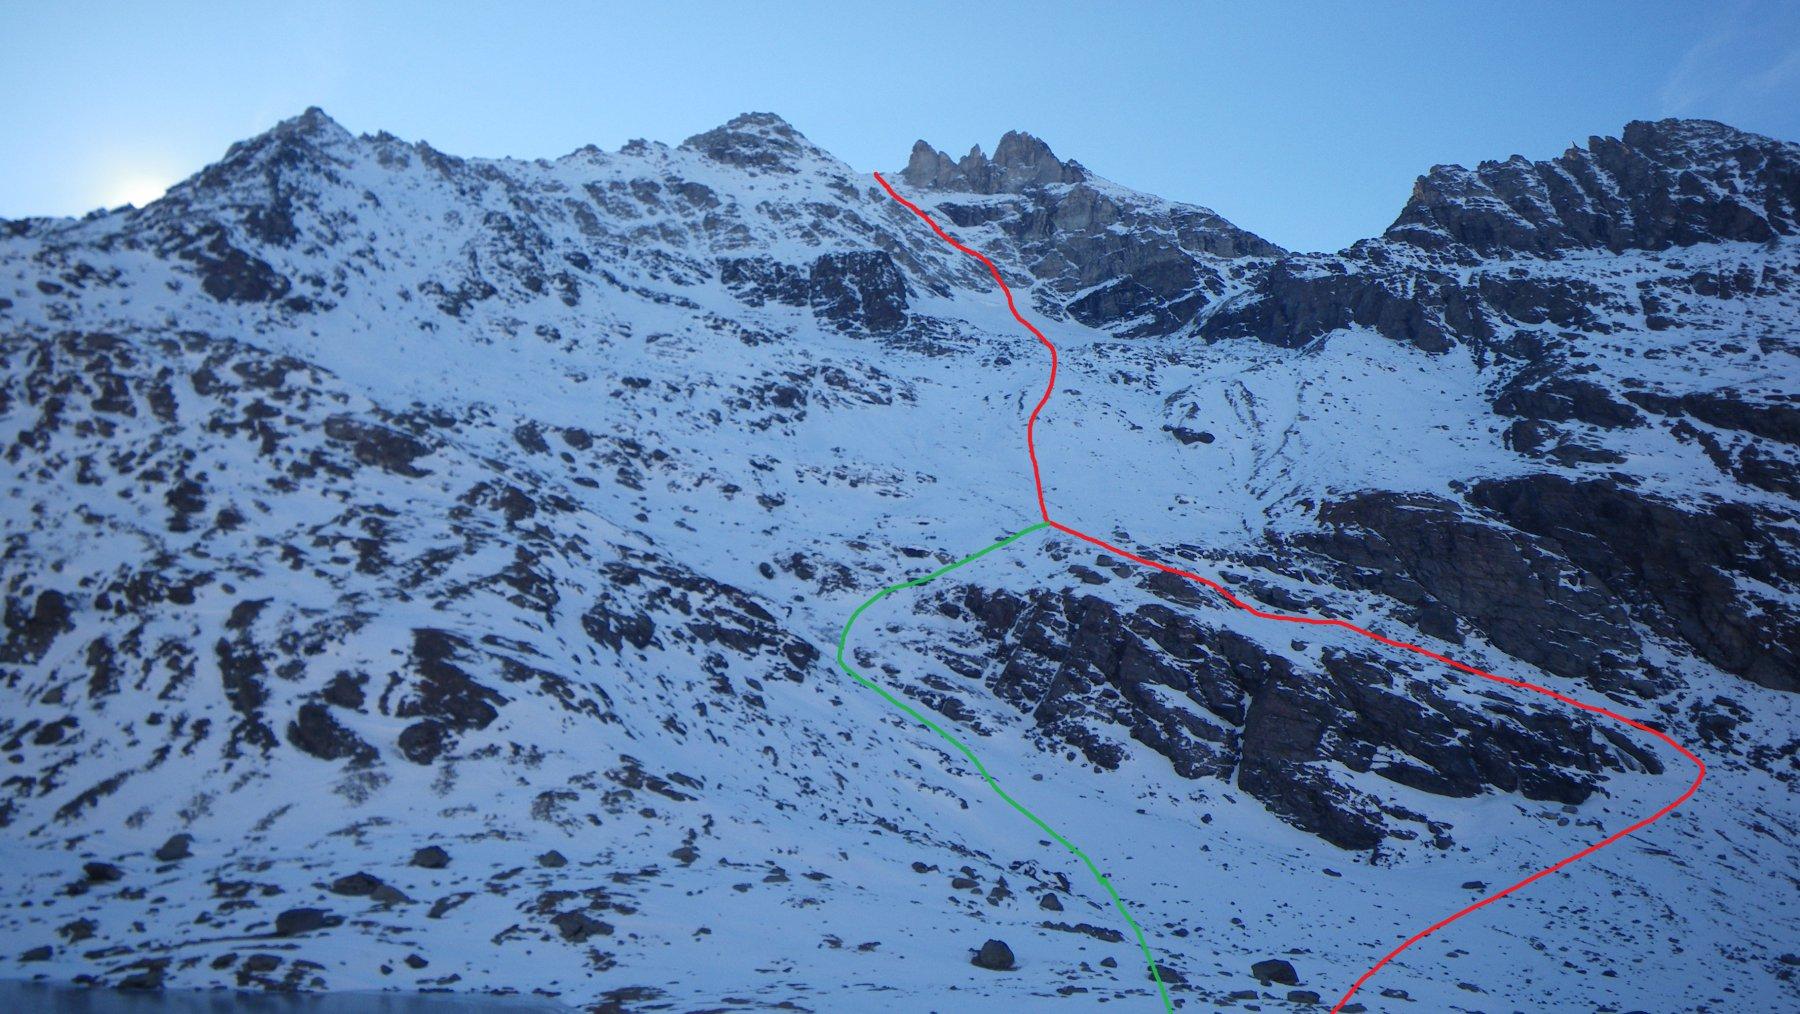 In rosso l'itinerario meno diretto per cascatlle ddi ghiaccio, In Blu quello più diretto